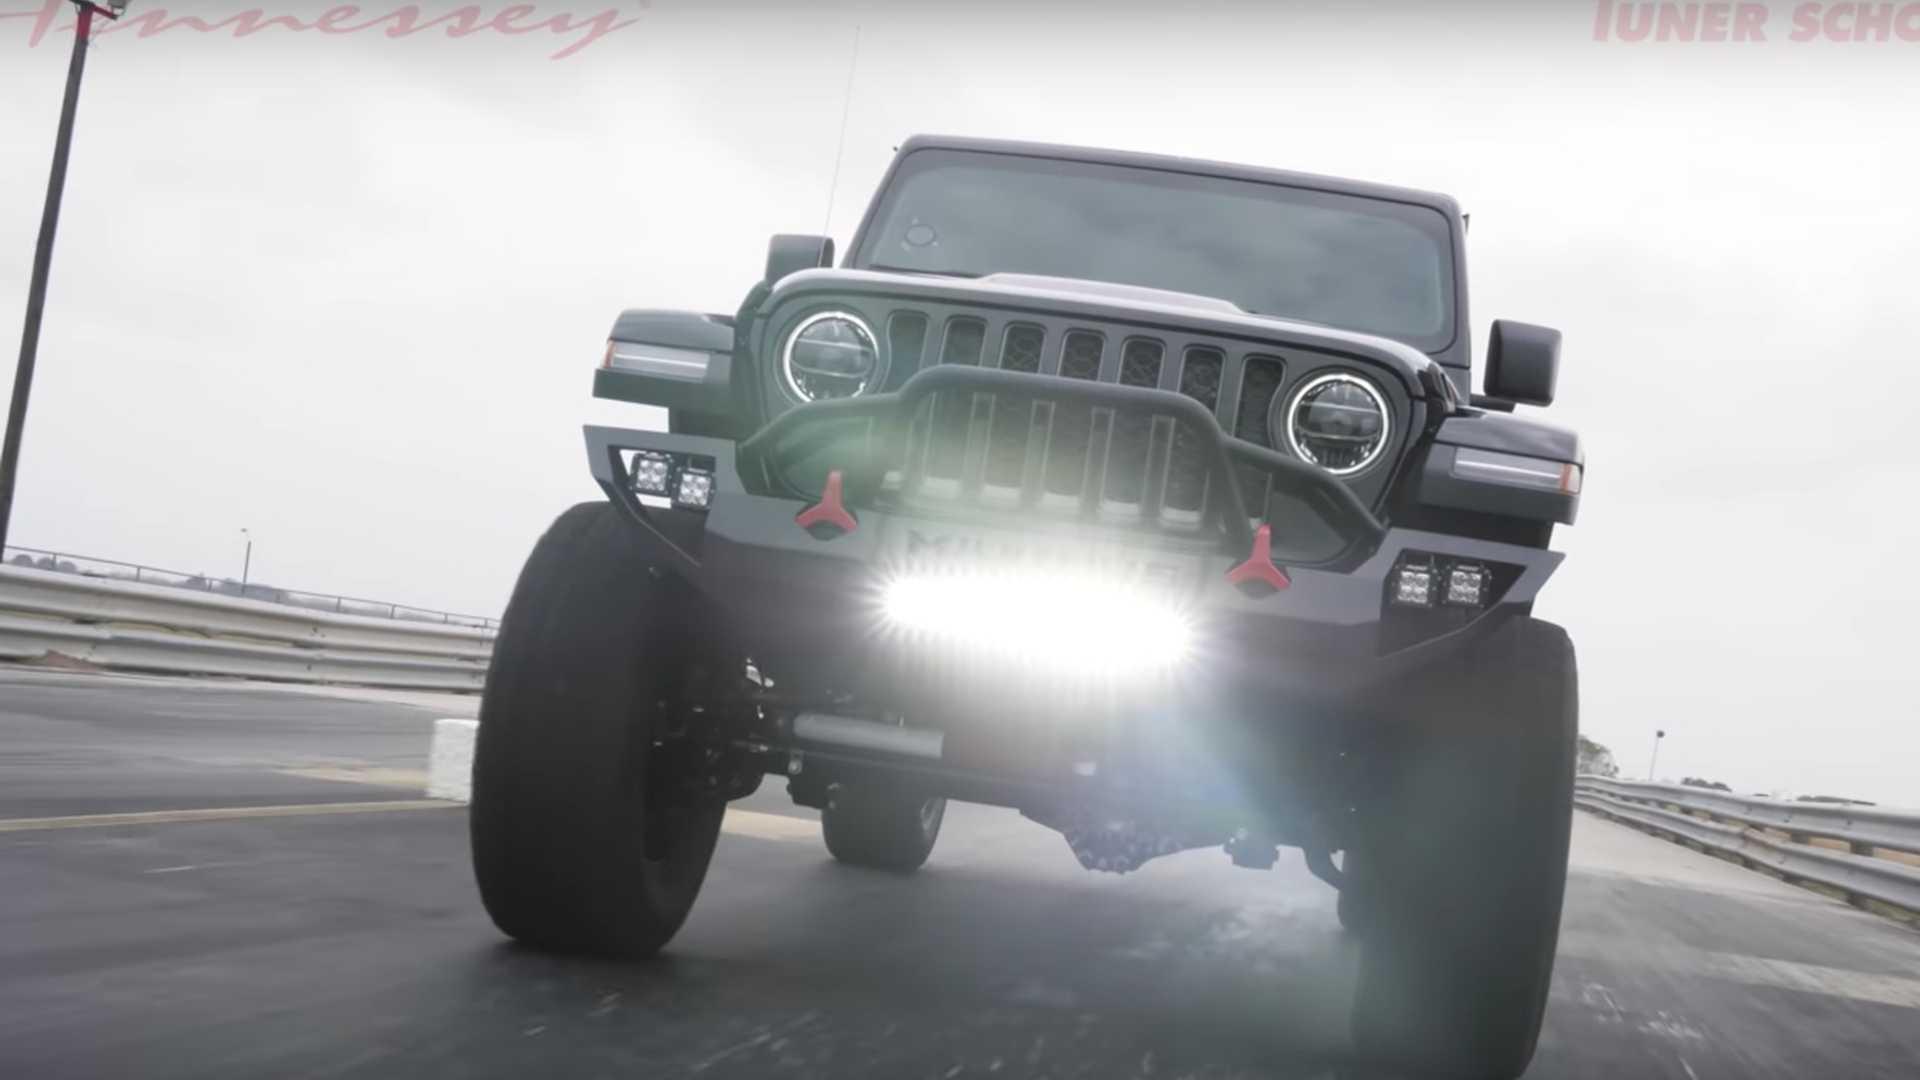 На YouTube-канале техасского тюнера Hennessey Performance появился ролик с подробным рассказом о модернизированном пикапе Jeep Gladiator за $200 000.